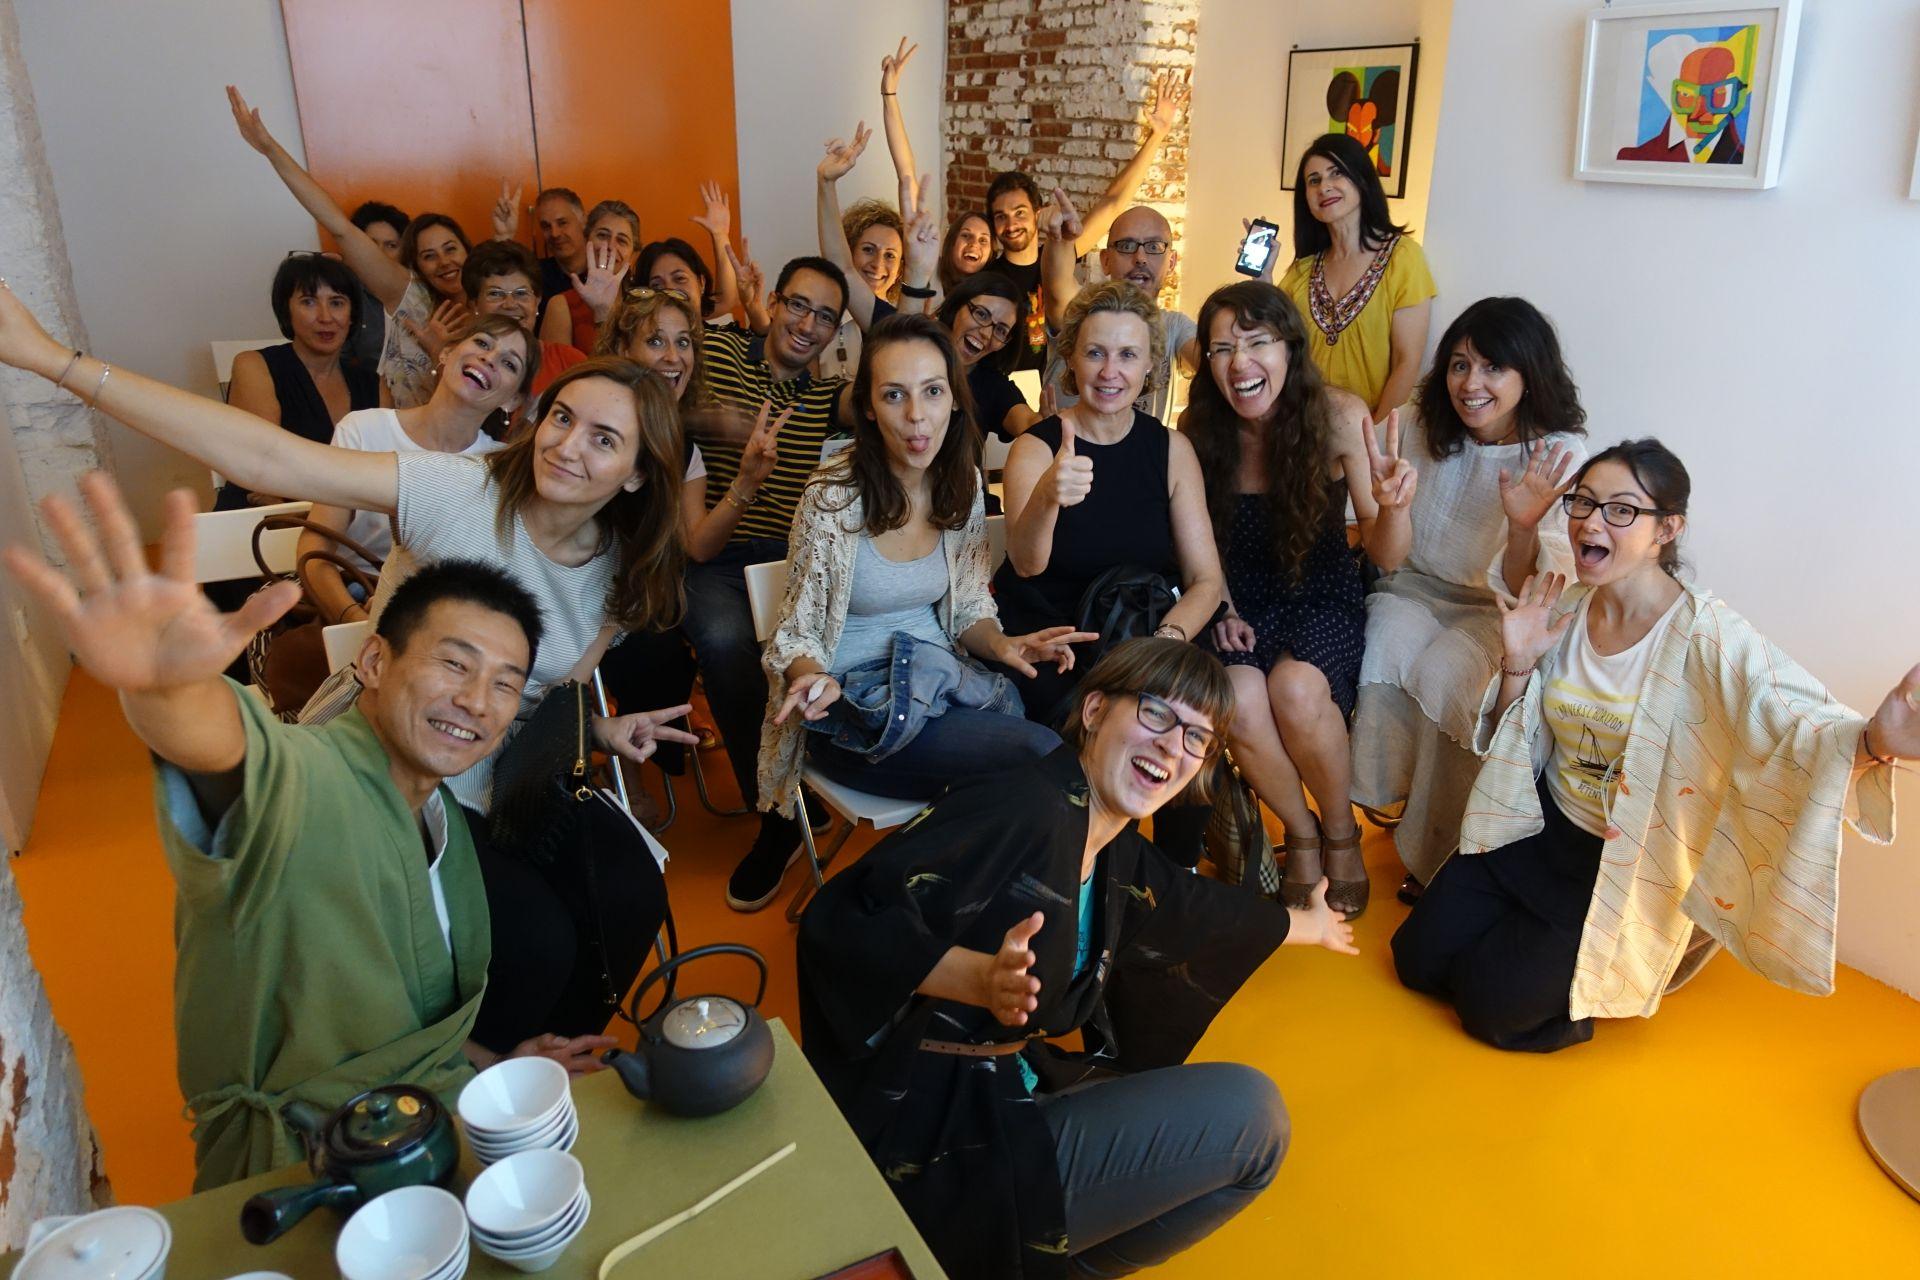 国際日本茶協会オープニングイベント in マドリッド|日本茶普及海外ツアー・欧州遠征2018